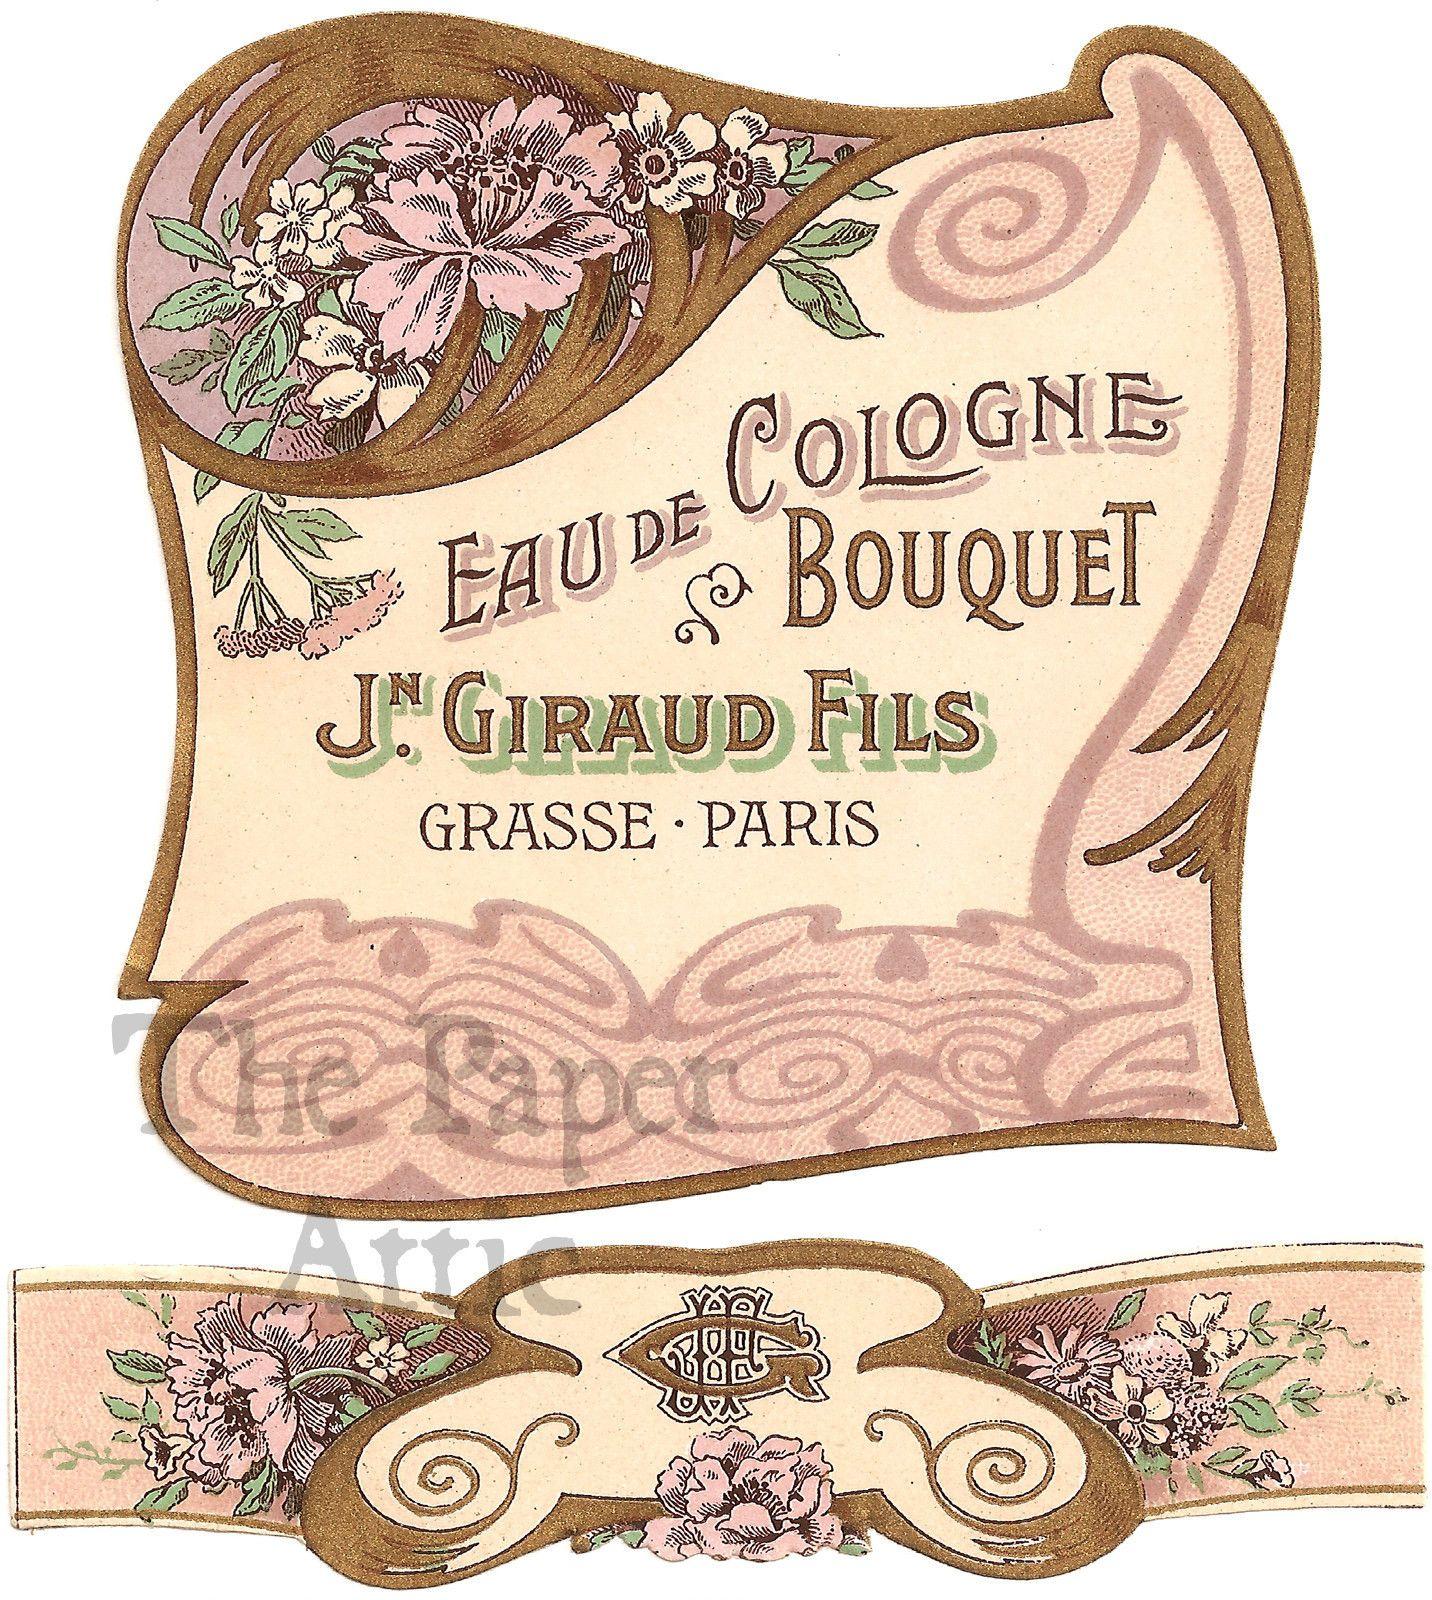 Antique French Art Nouveau Perfume Label